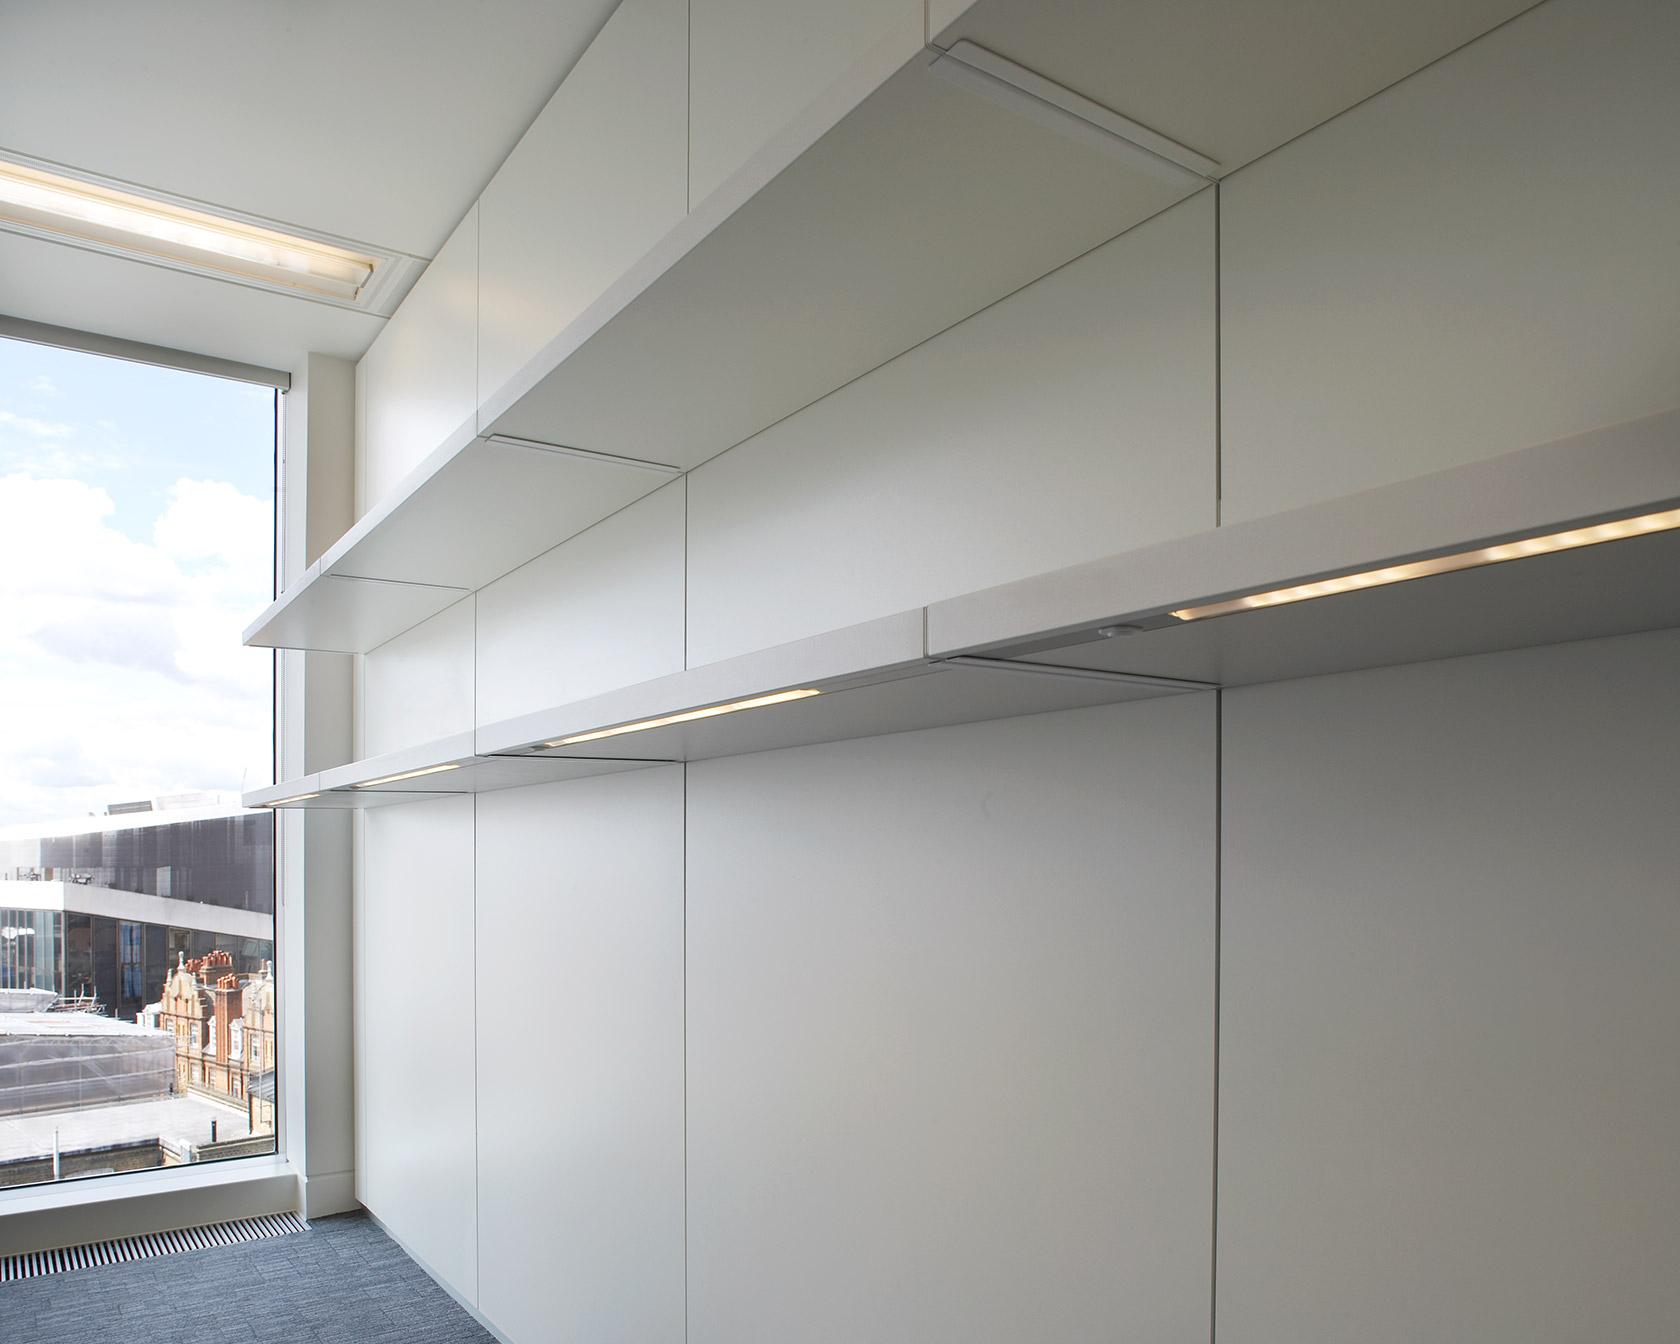 fladgate london str hle raum systeme. Black Bedroom Furniture Sets. Home Design Ideas